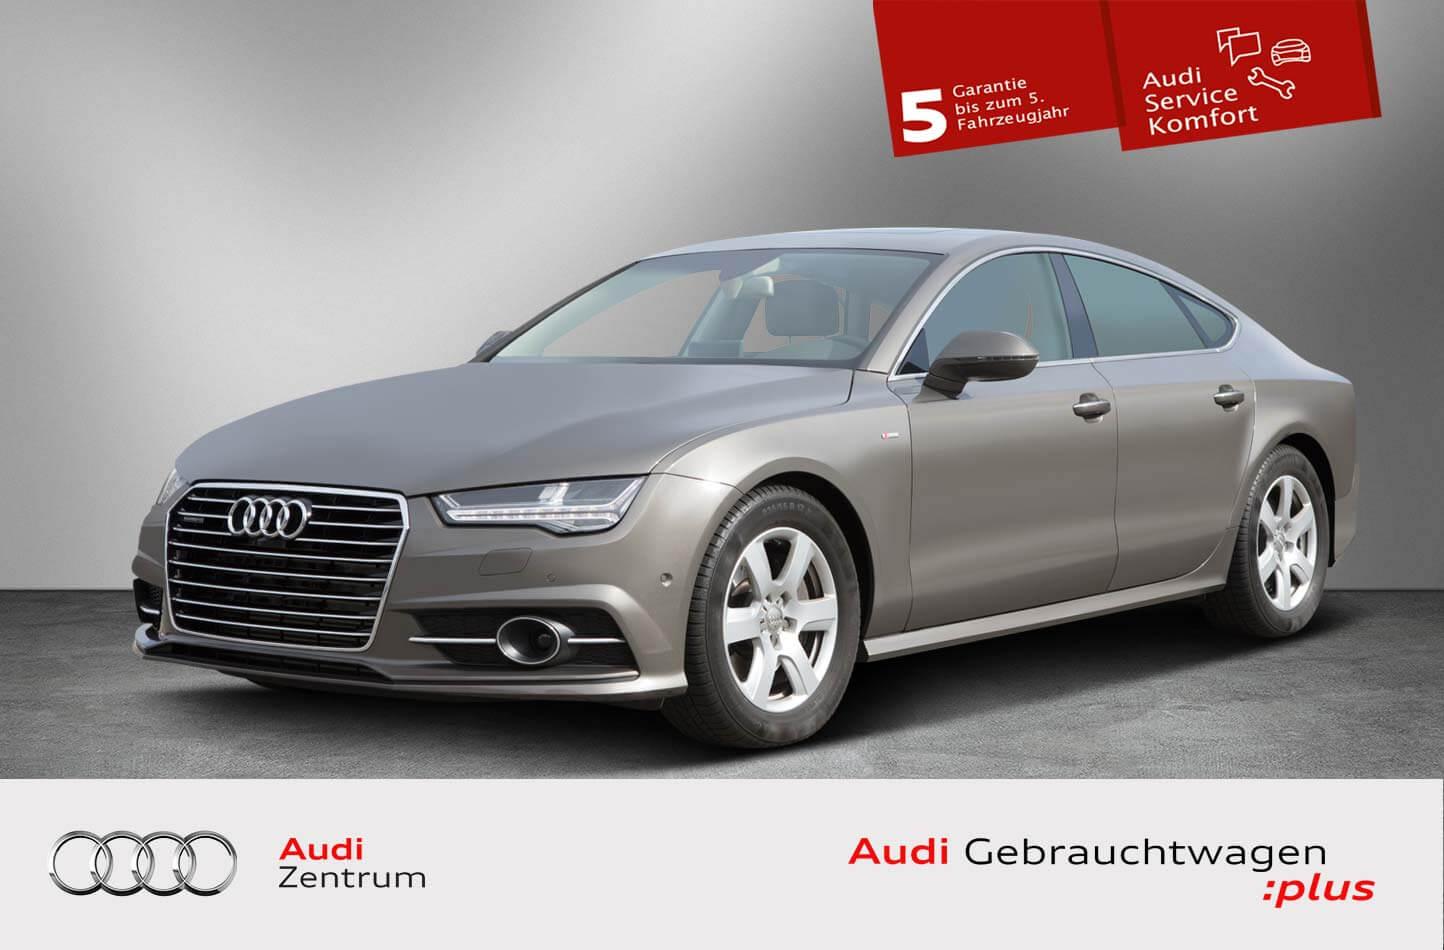 Audi Bild bearbeitet